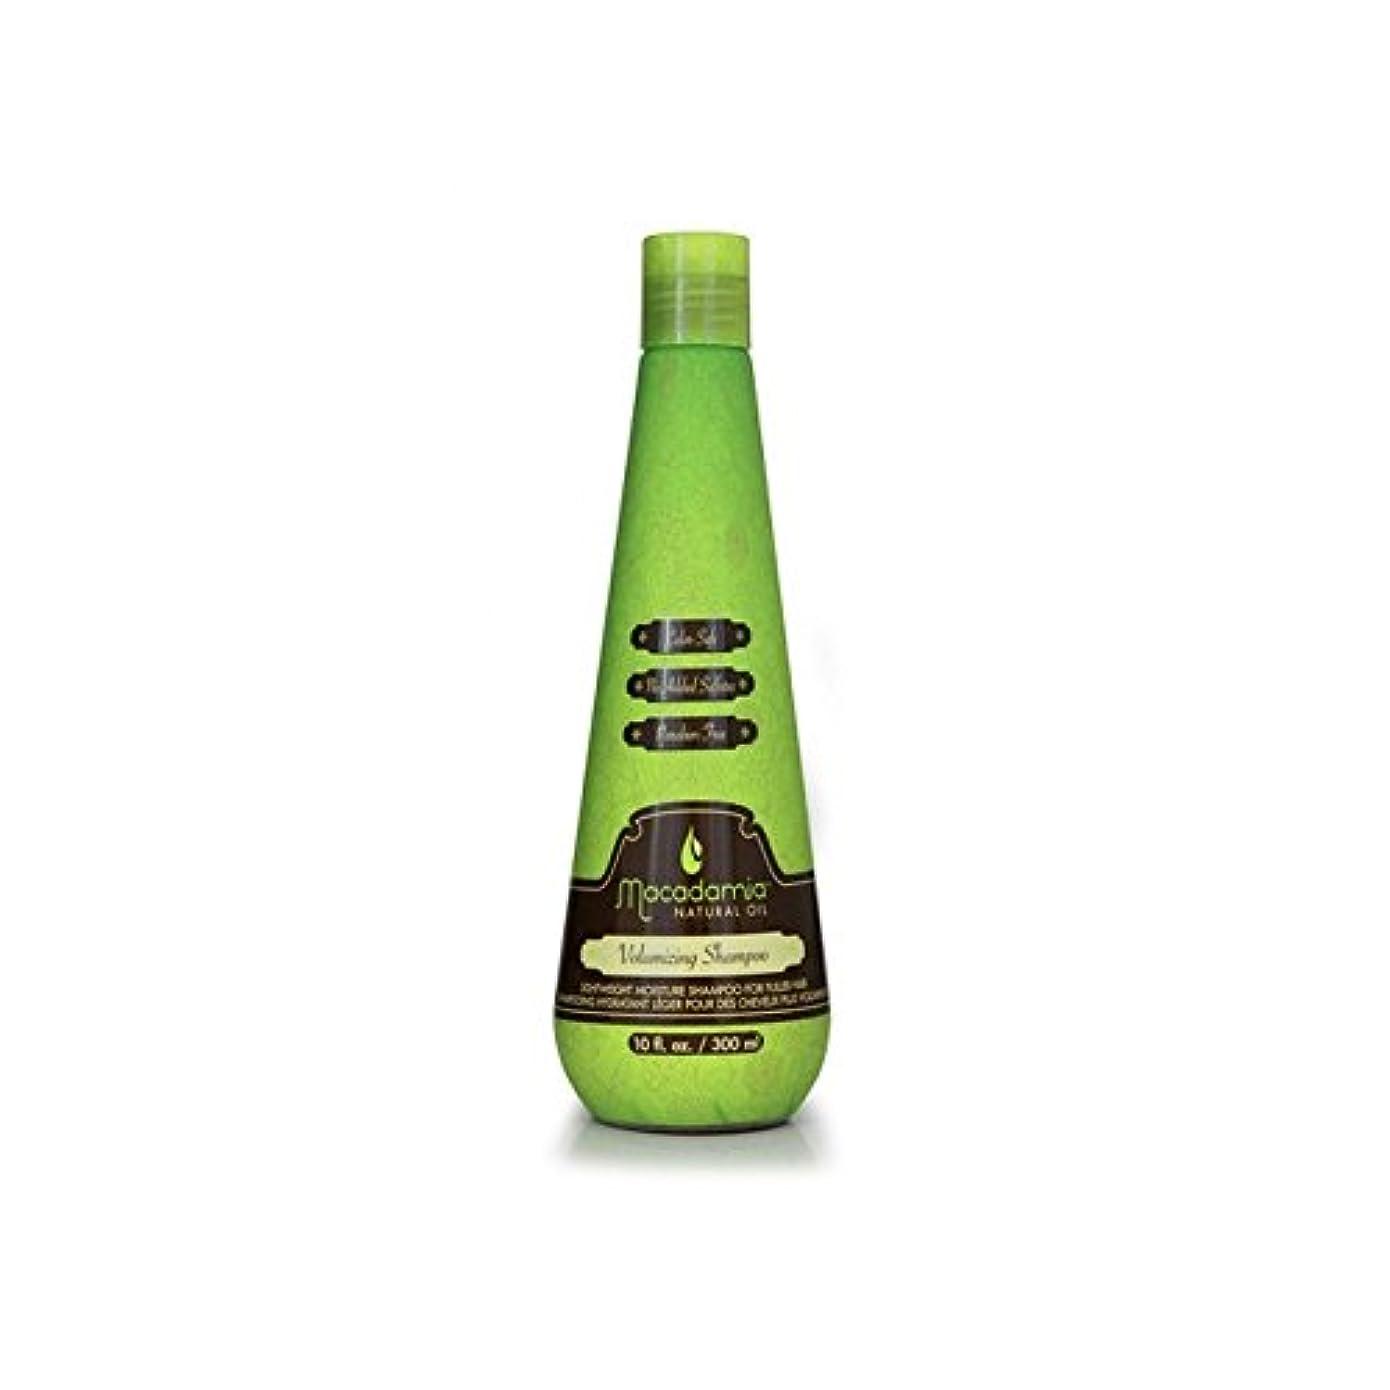 広まった八マウスピースマカダミアシャンプー300ミリリットル x2 - Macadamia Volumising Shampoo 300ml (Pack of 2) [並行輸入品]